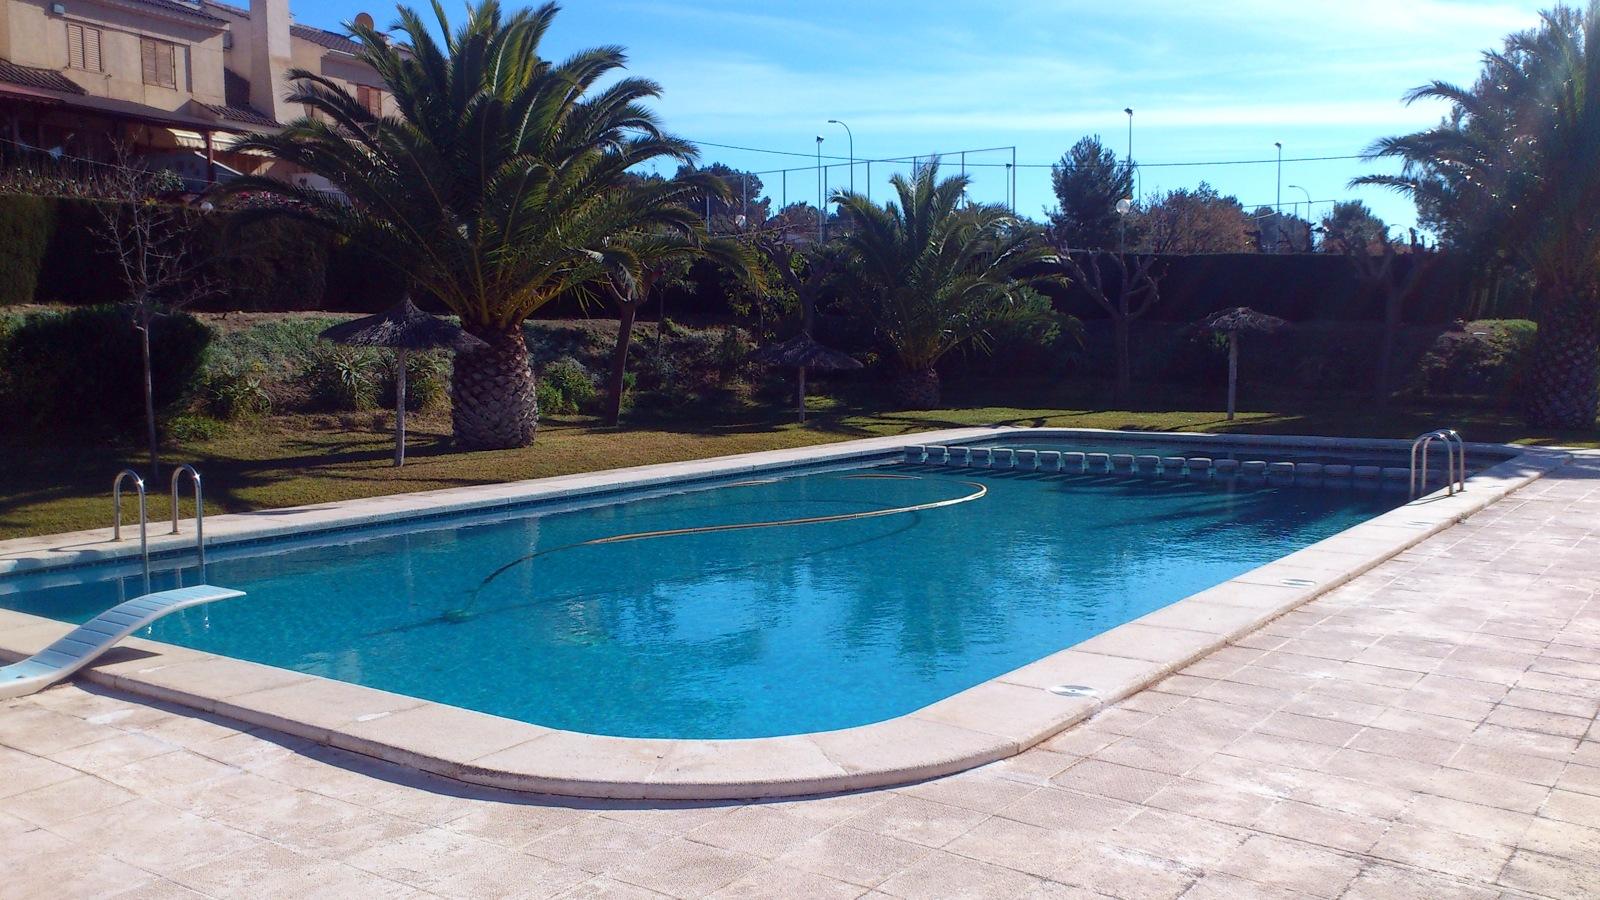 Realizar escalera en piscina petrer alicante habitissimo for Piscinas prefabricadas alicante